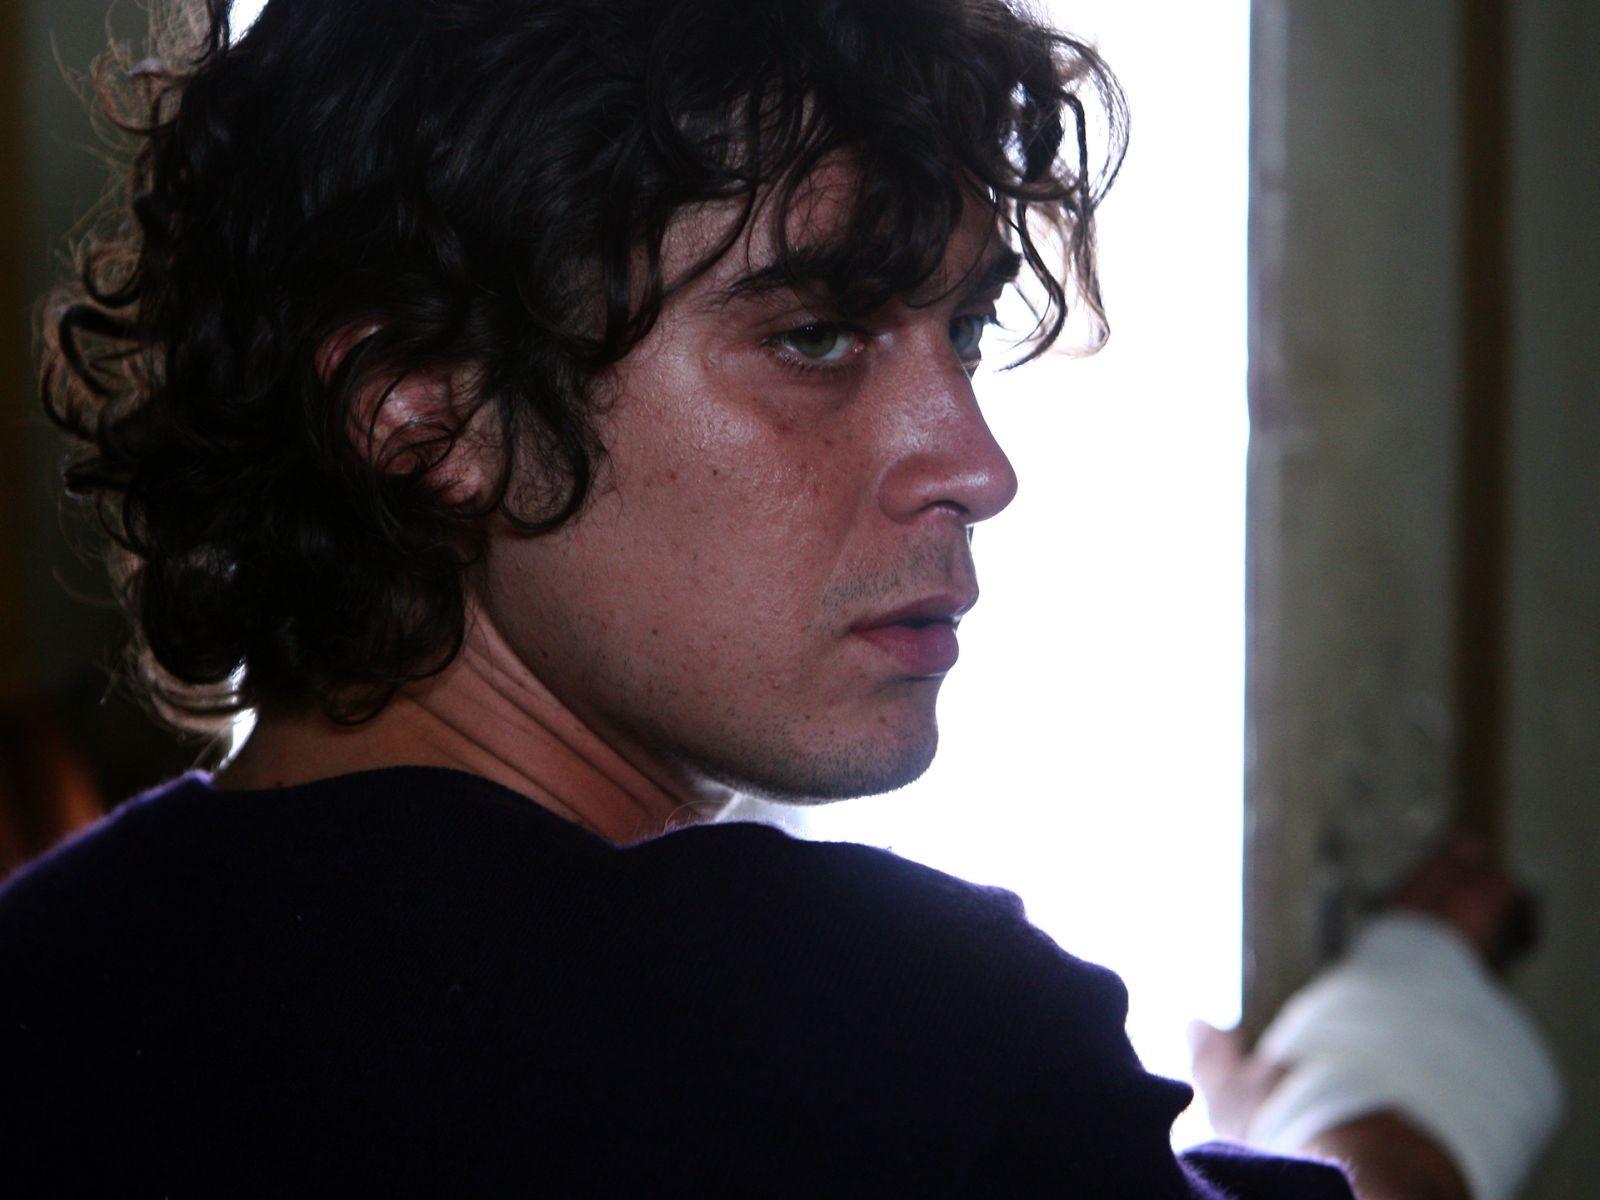 Wallpaper del film Colpo d'occhio diretto da Sergio Rubini